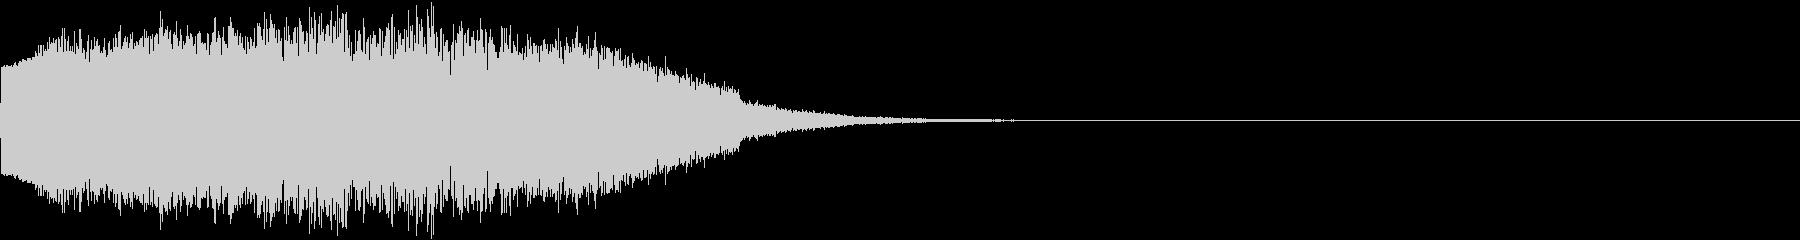 ギュイーン 重め ギューン 光る 004の未再生の波形